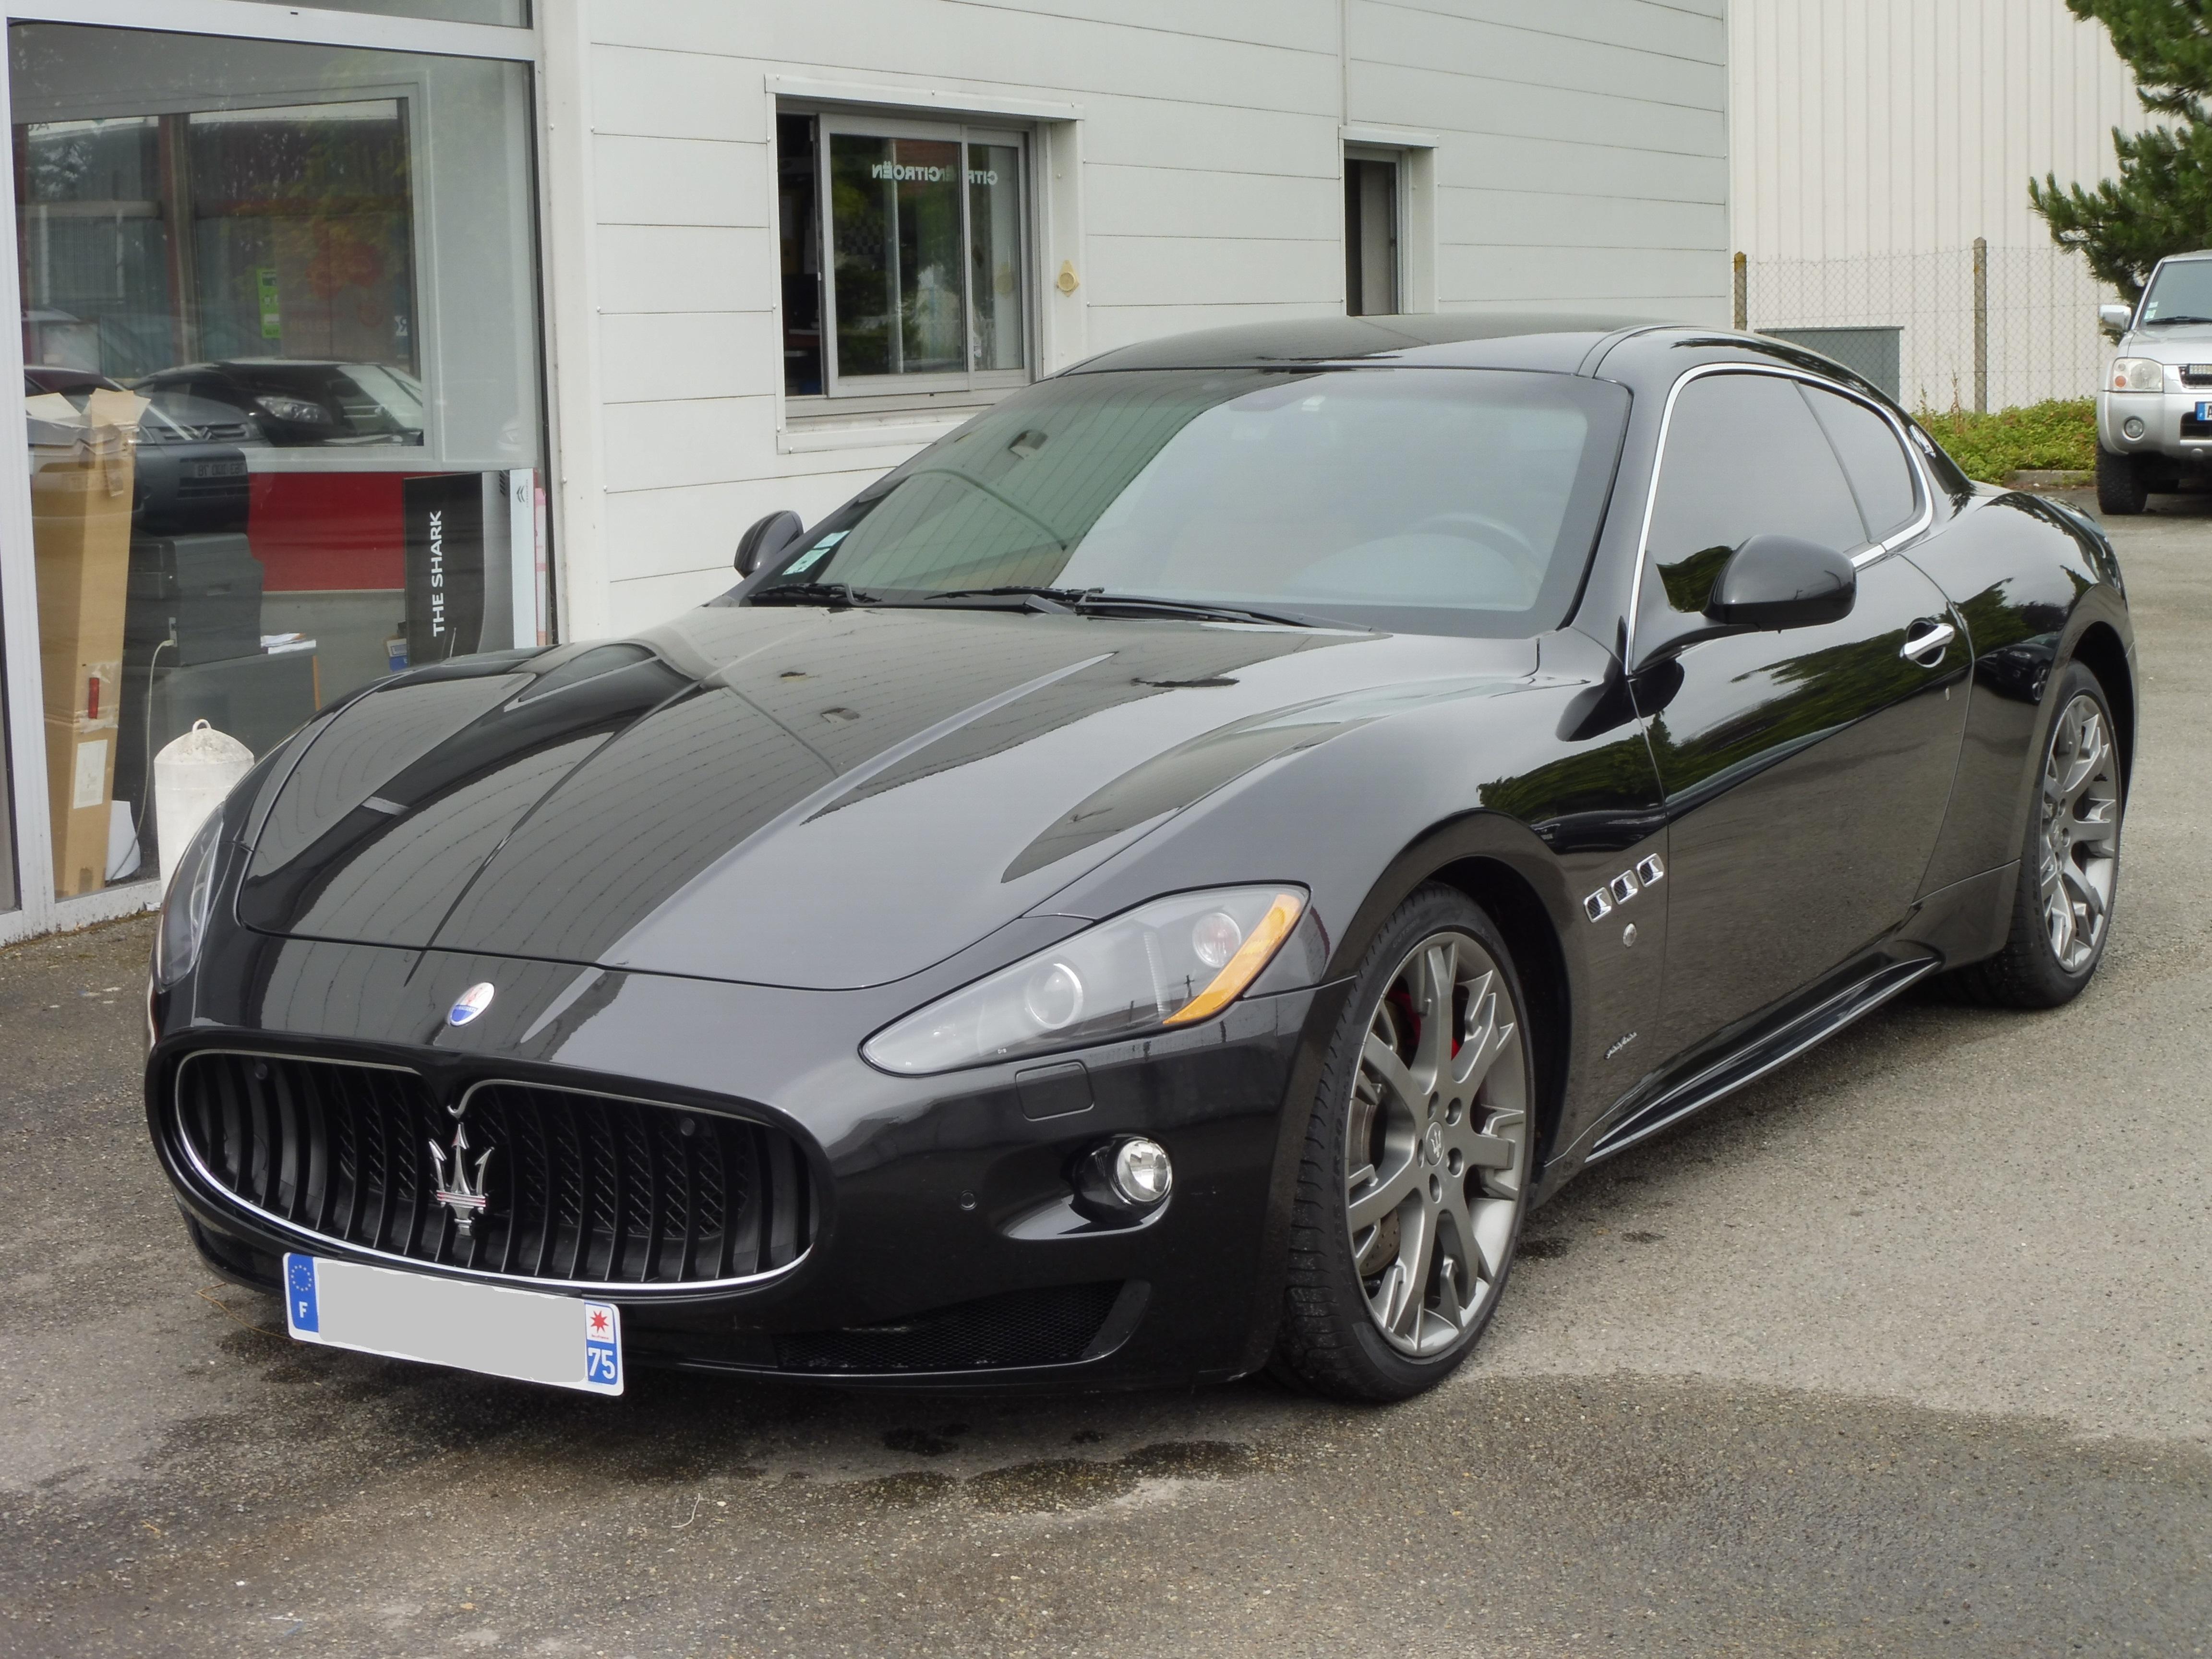 Maserati Granturismo S BVR